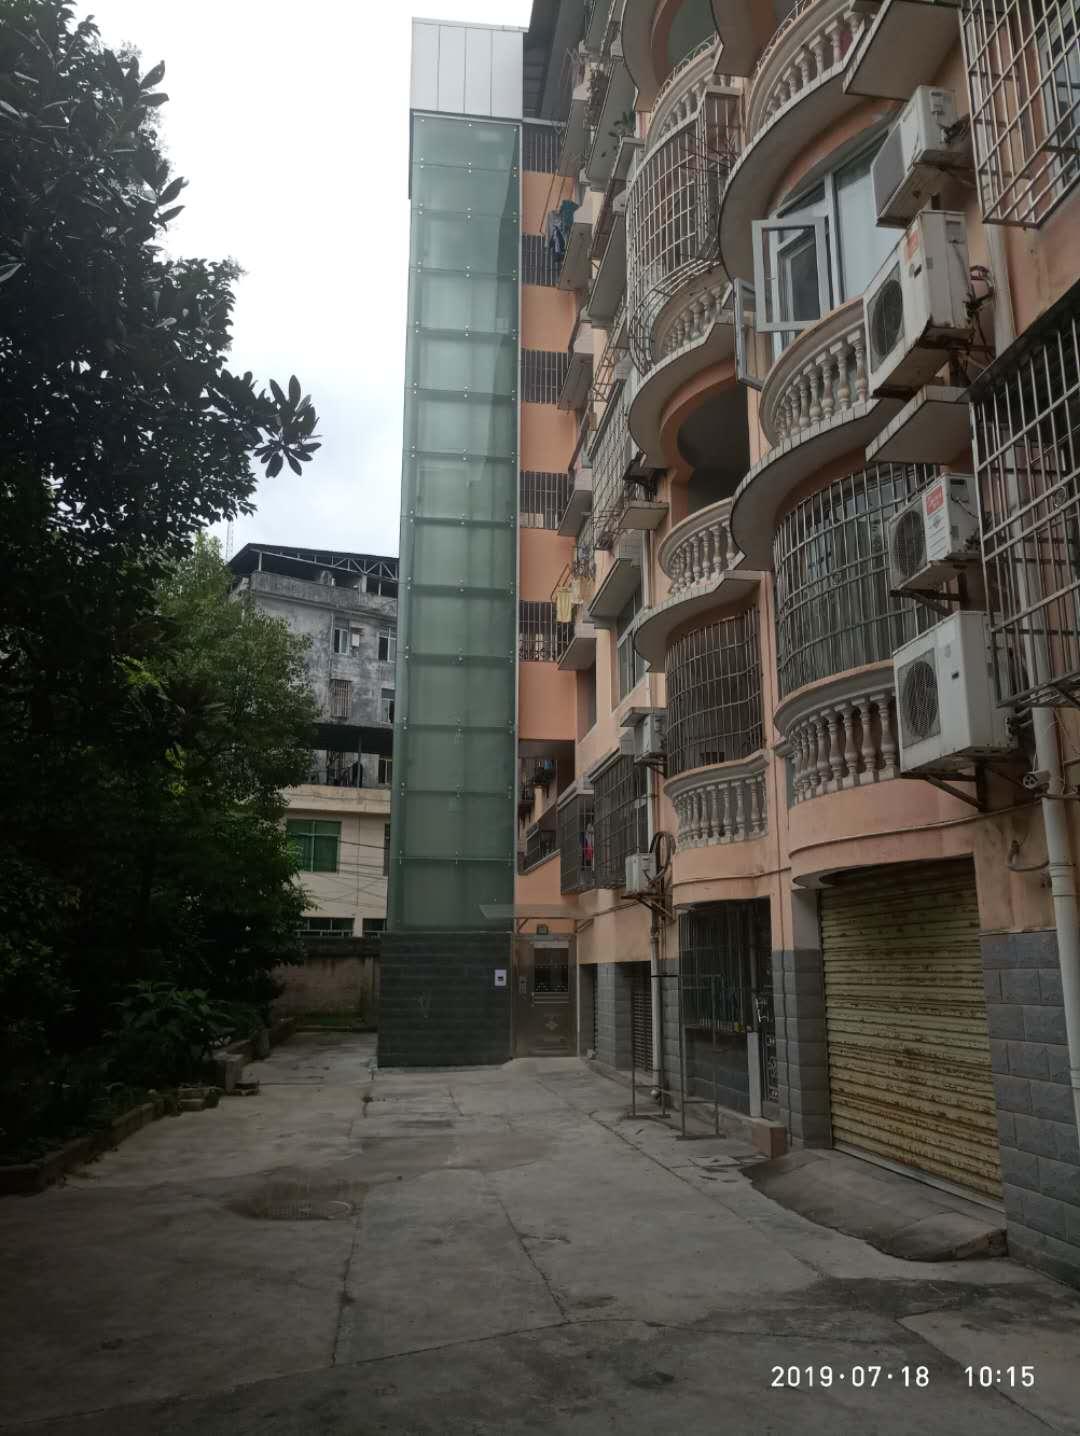 46-湖北省恩施气象局家属楼项目